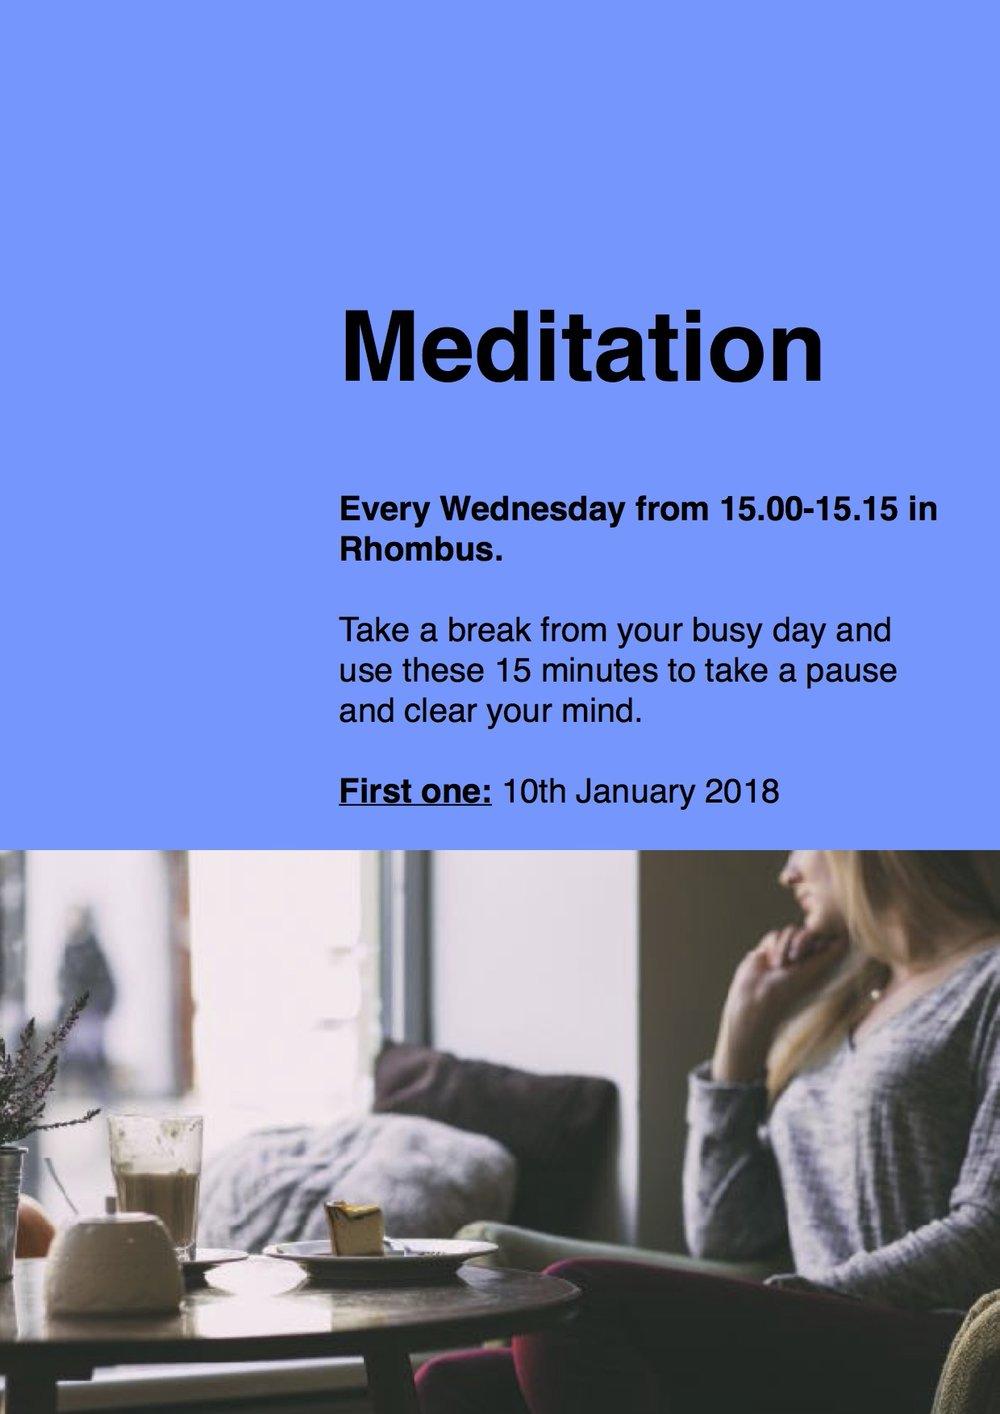 Meditationjpg.jpg